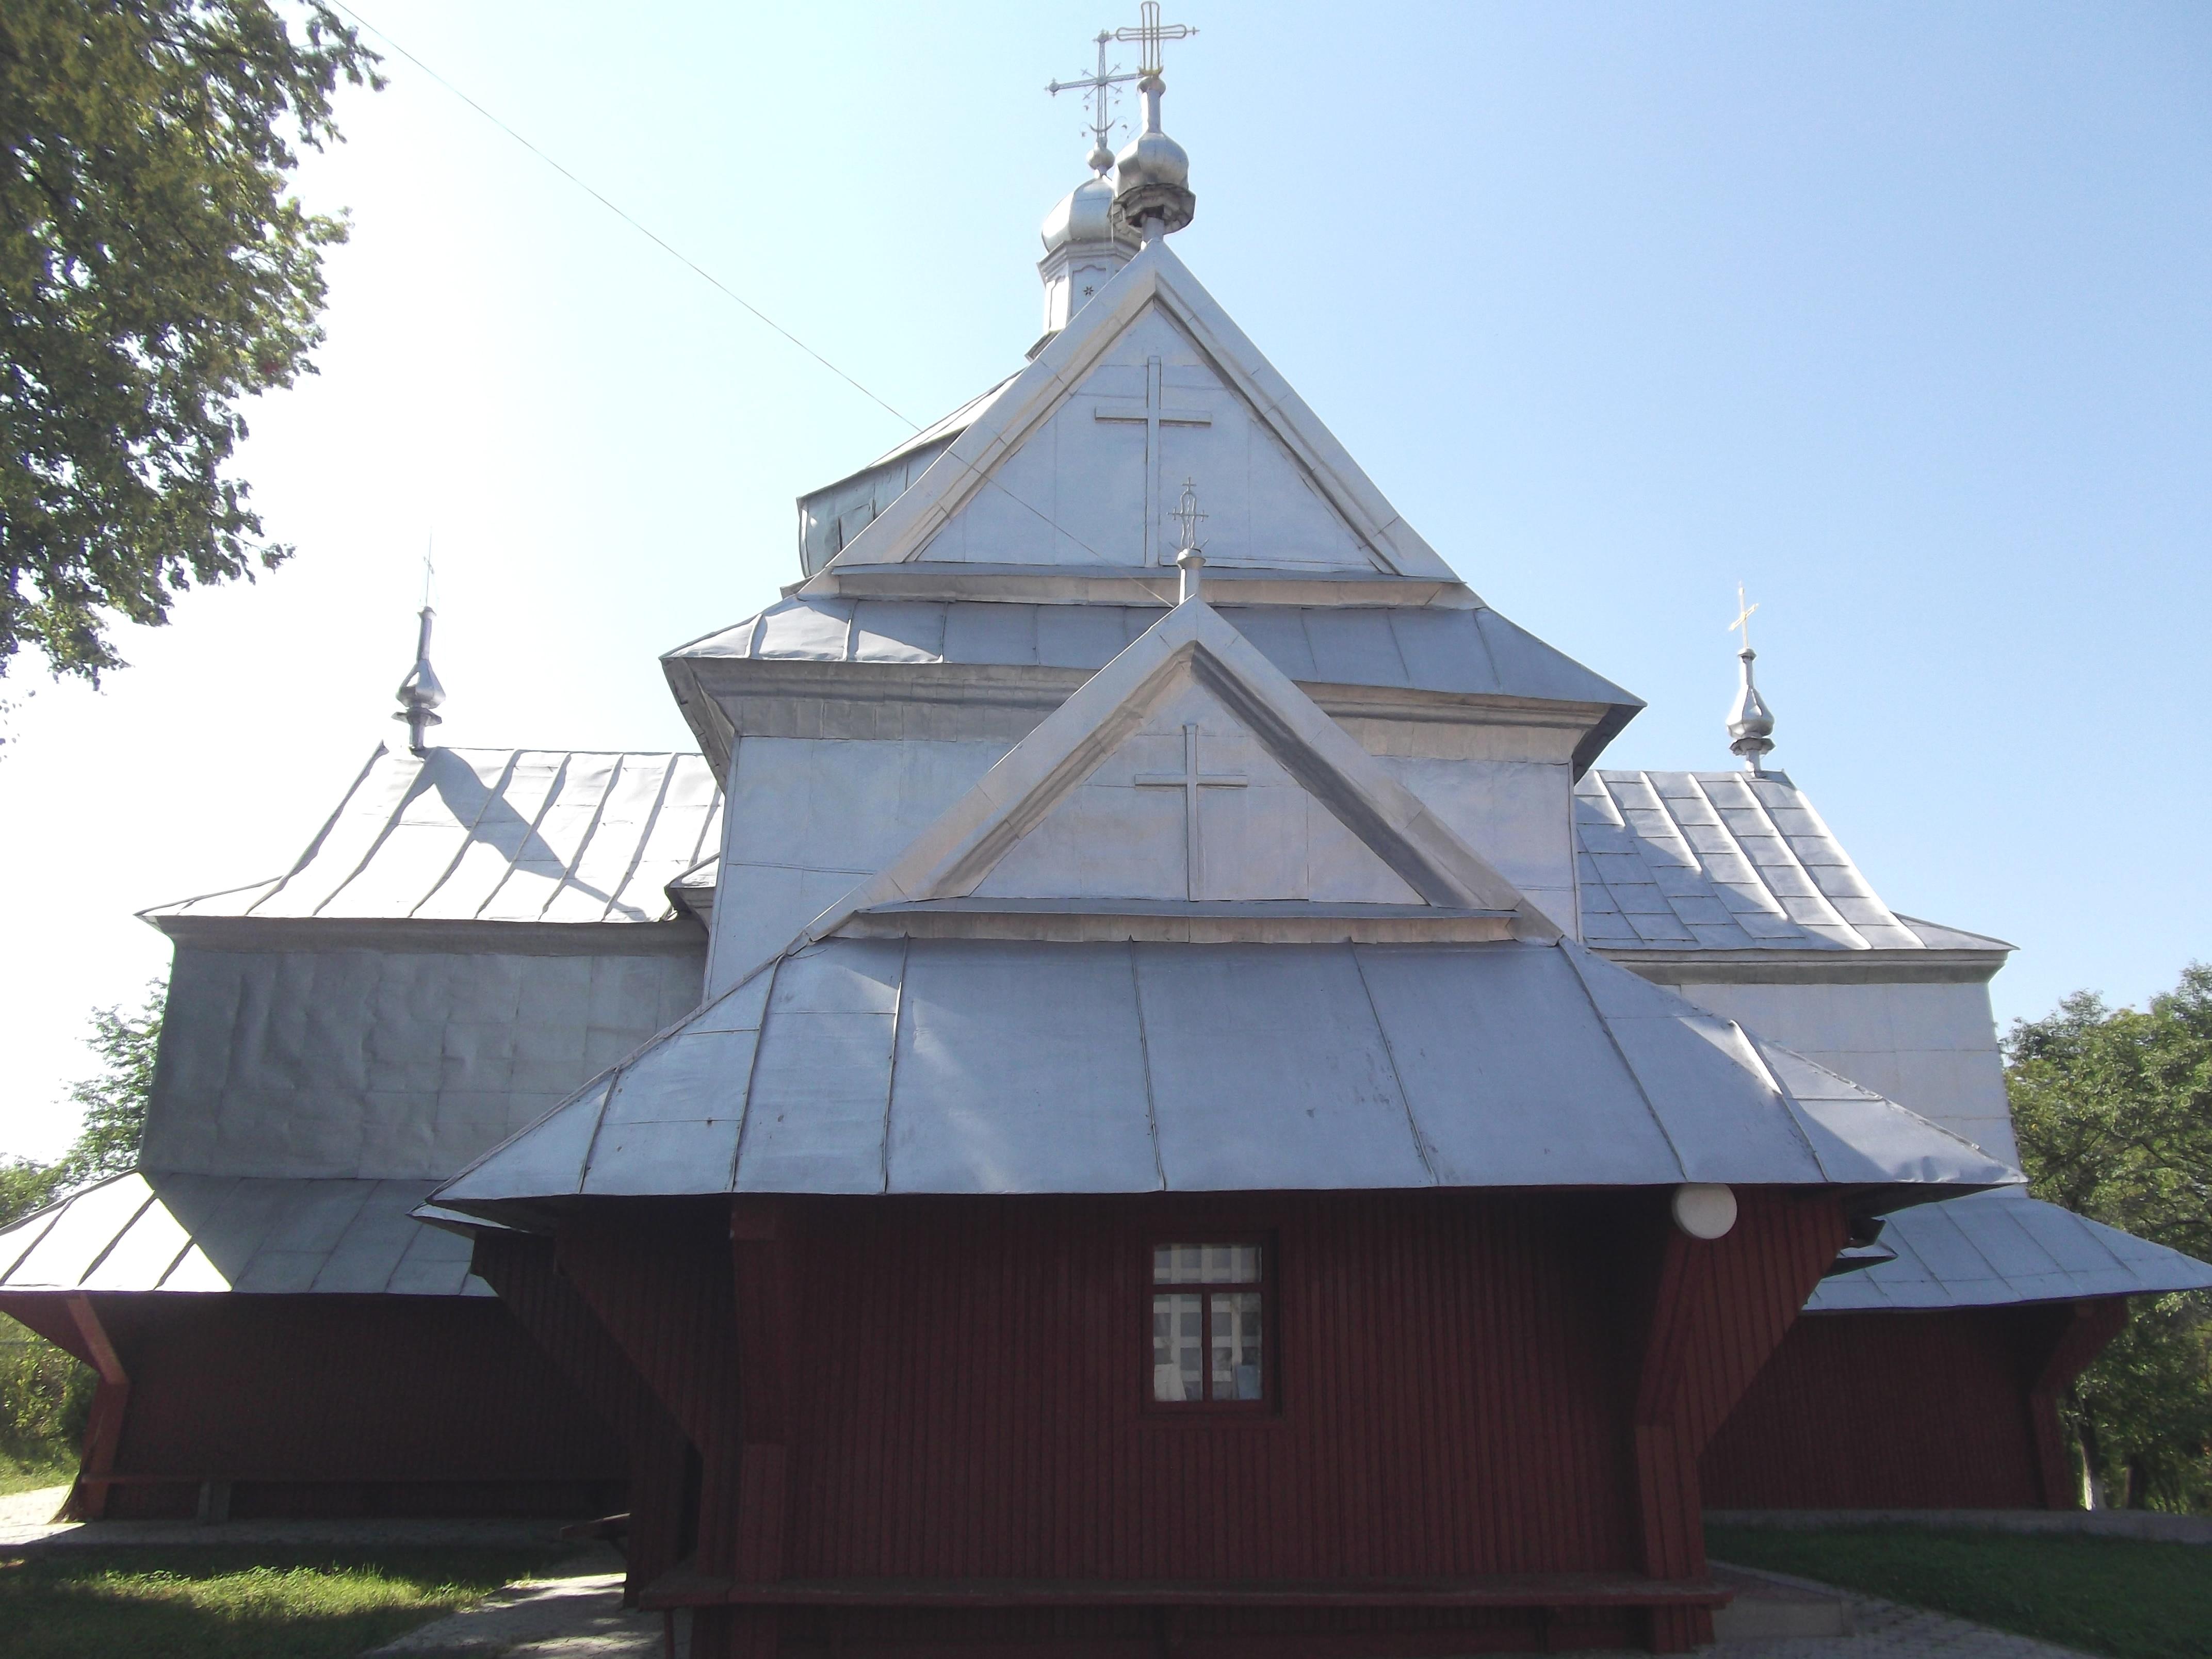 Файл:Церква Святого Архистратига Михаїла, Велика Кам'янка.jpg — Вікіпедія